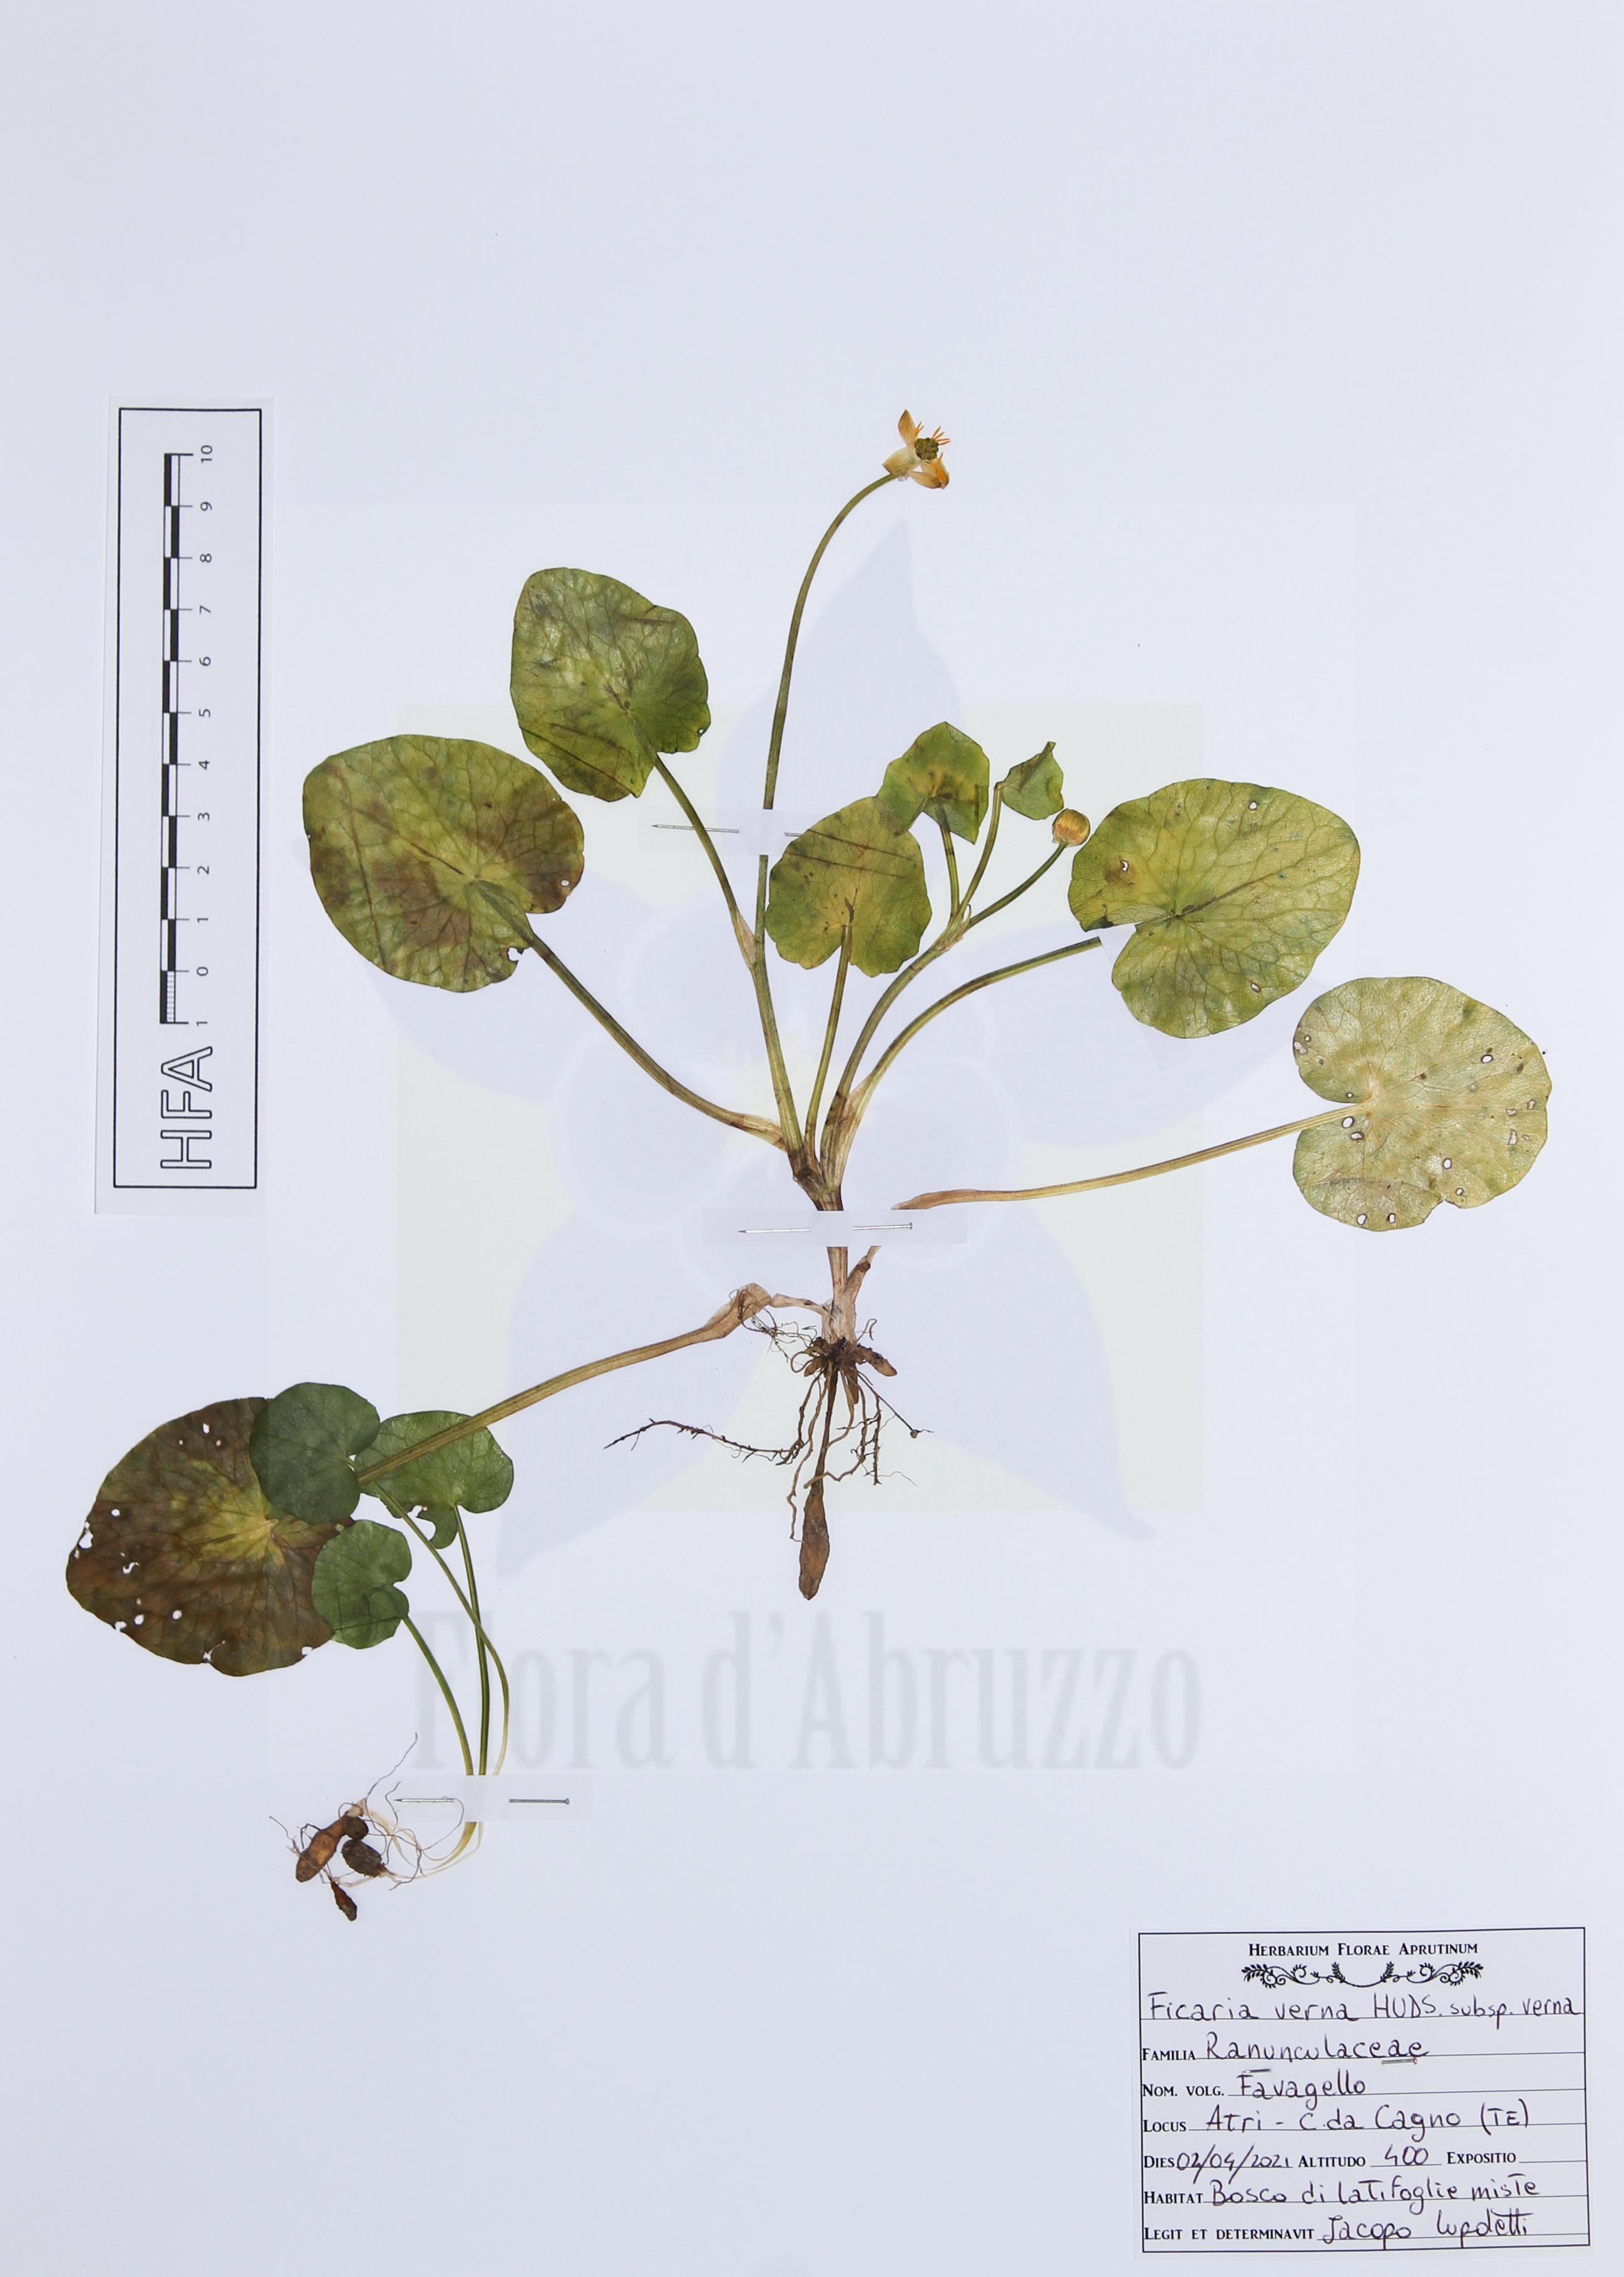 Ficaria verna Huds. subsp. verna